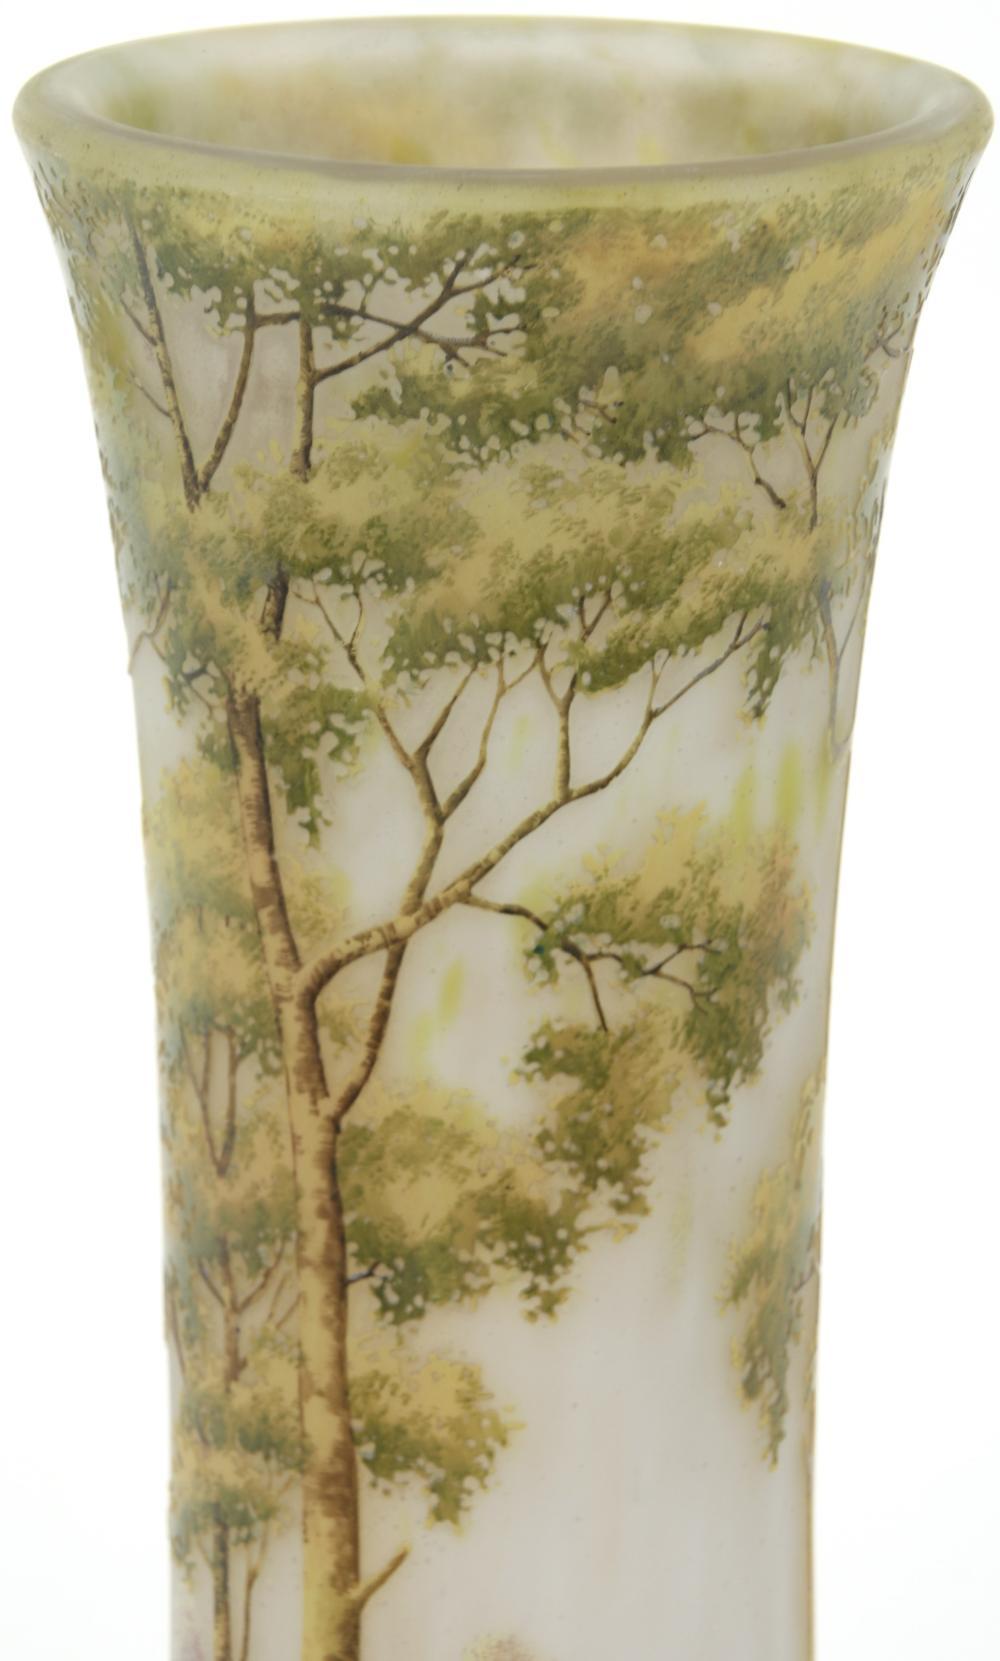 Daum, Nancy, Scenic Vase